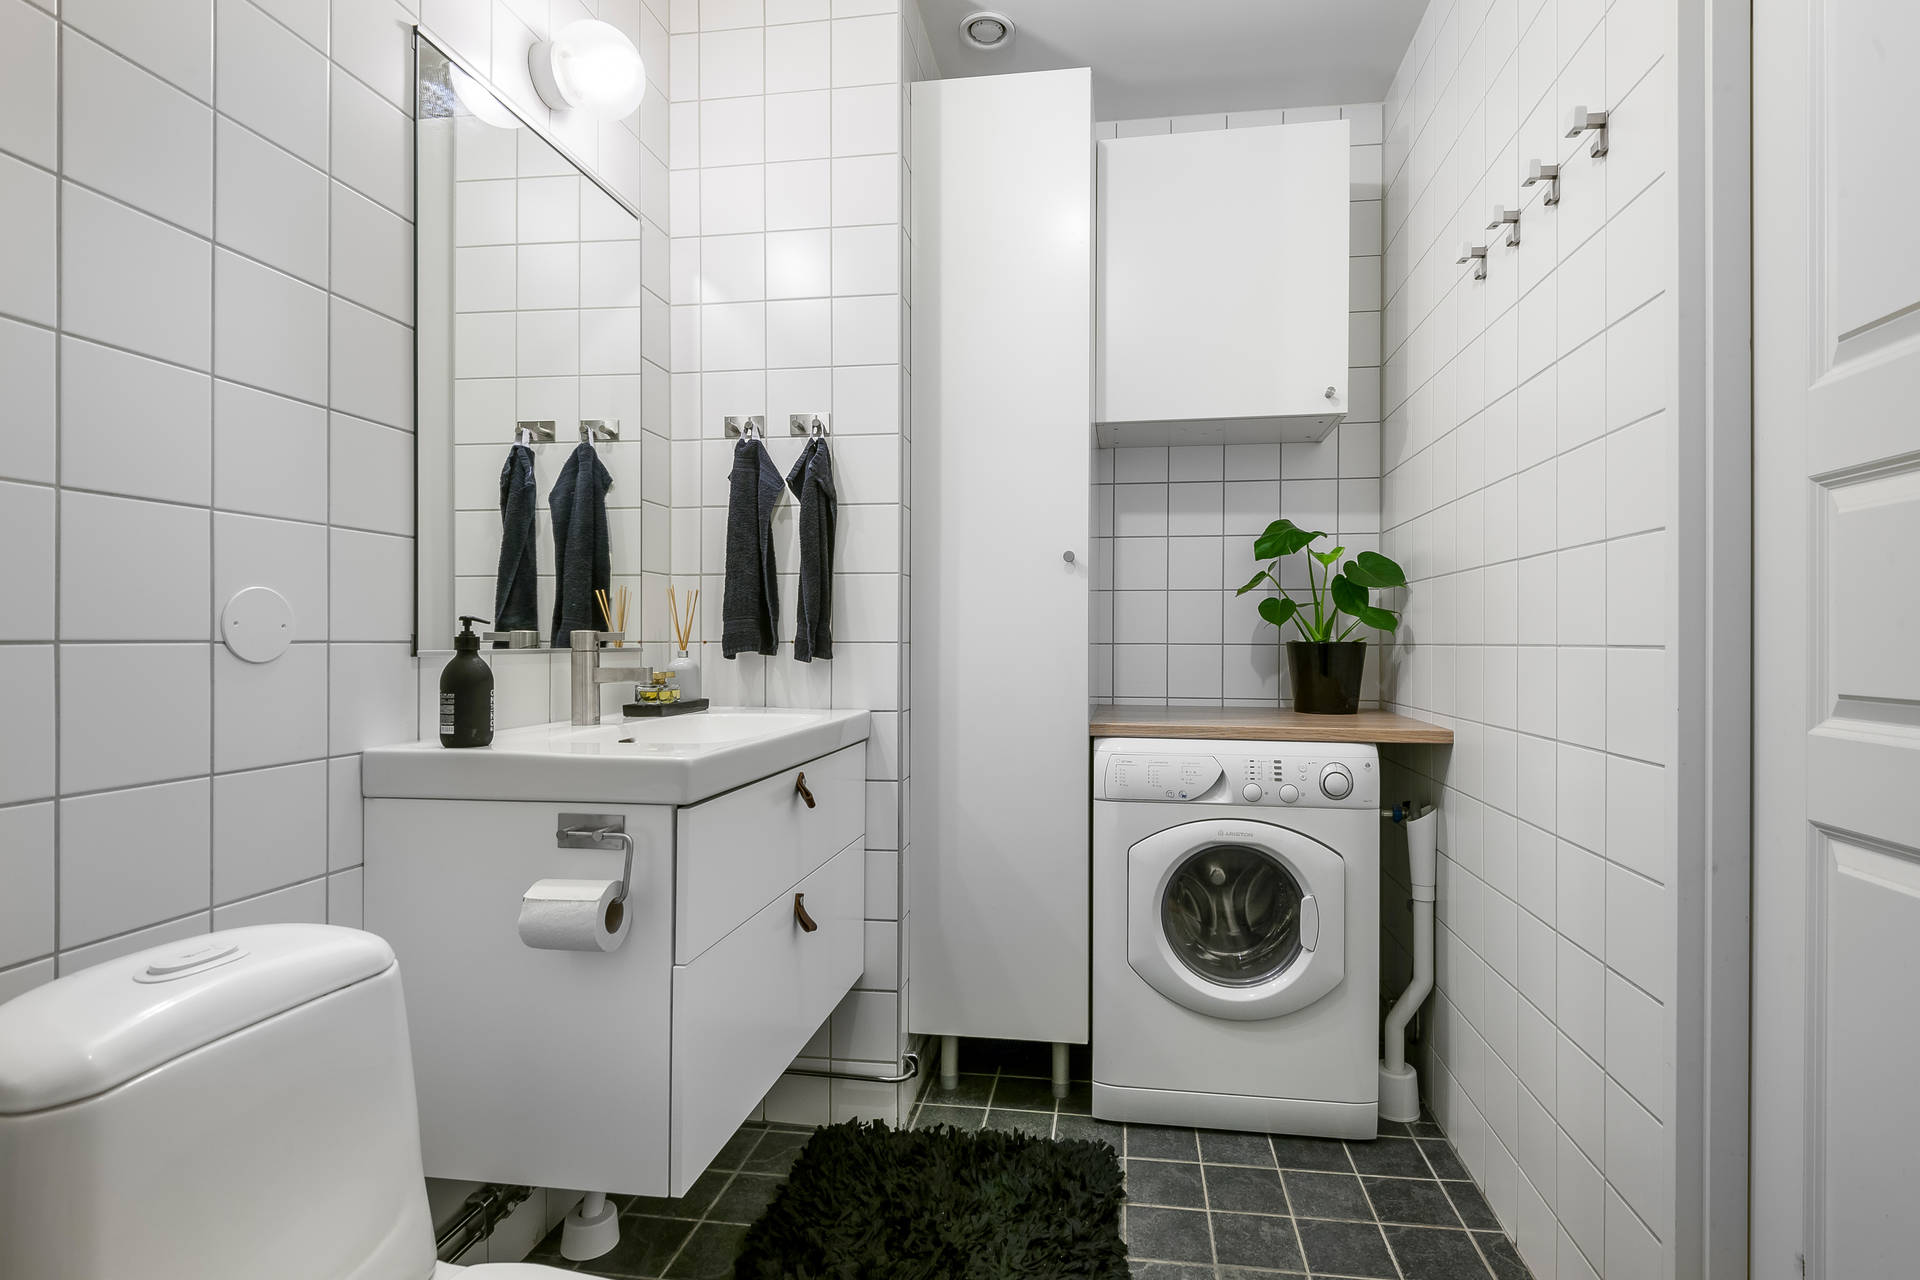 санузел раковина шкаф стиральная машина